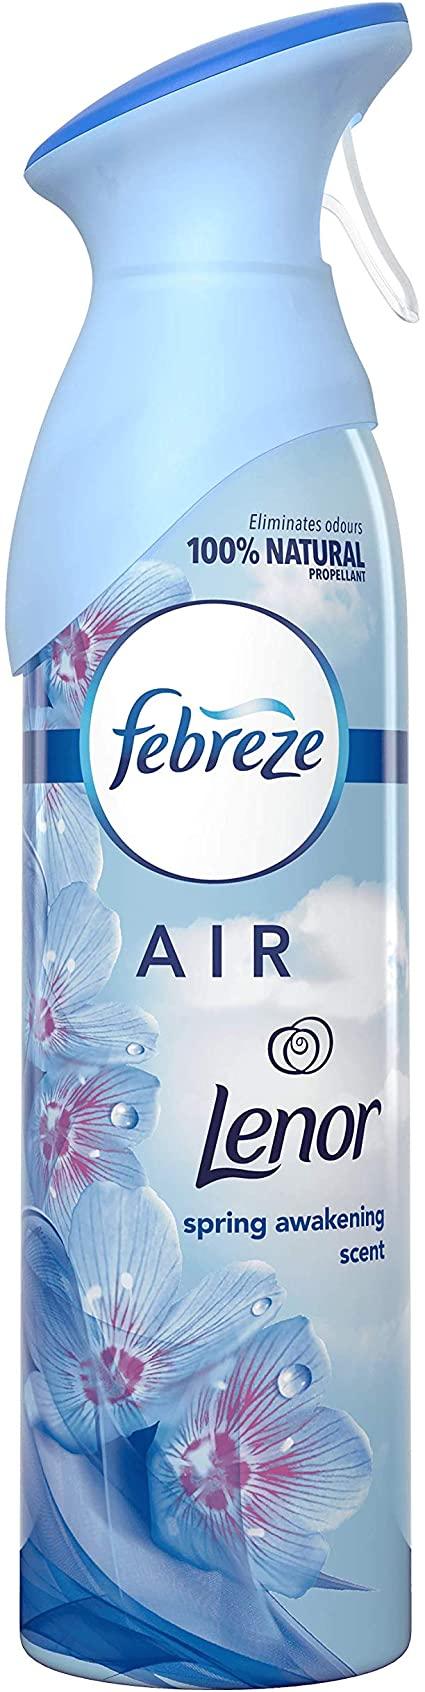 Febreze Air Freshener (Lenor Spring Awakening) 300ml